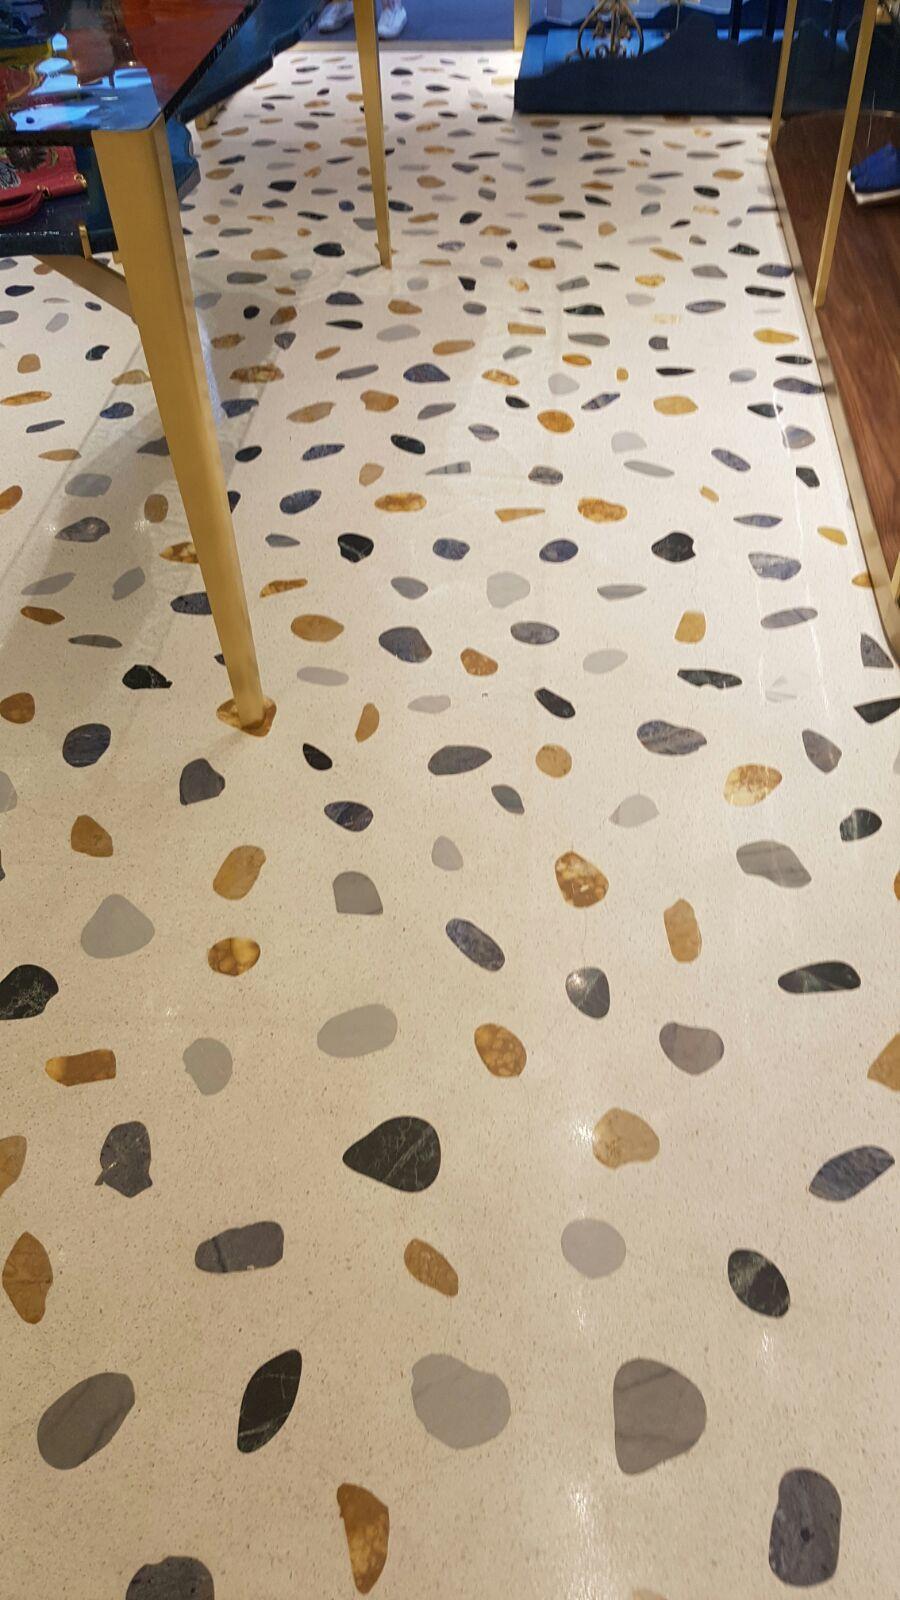 Piastrelle Seminato Alla Veneziana terrazzo alla veneziana terrazzo floor #terrazzoveneziano